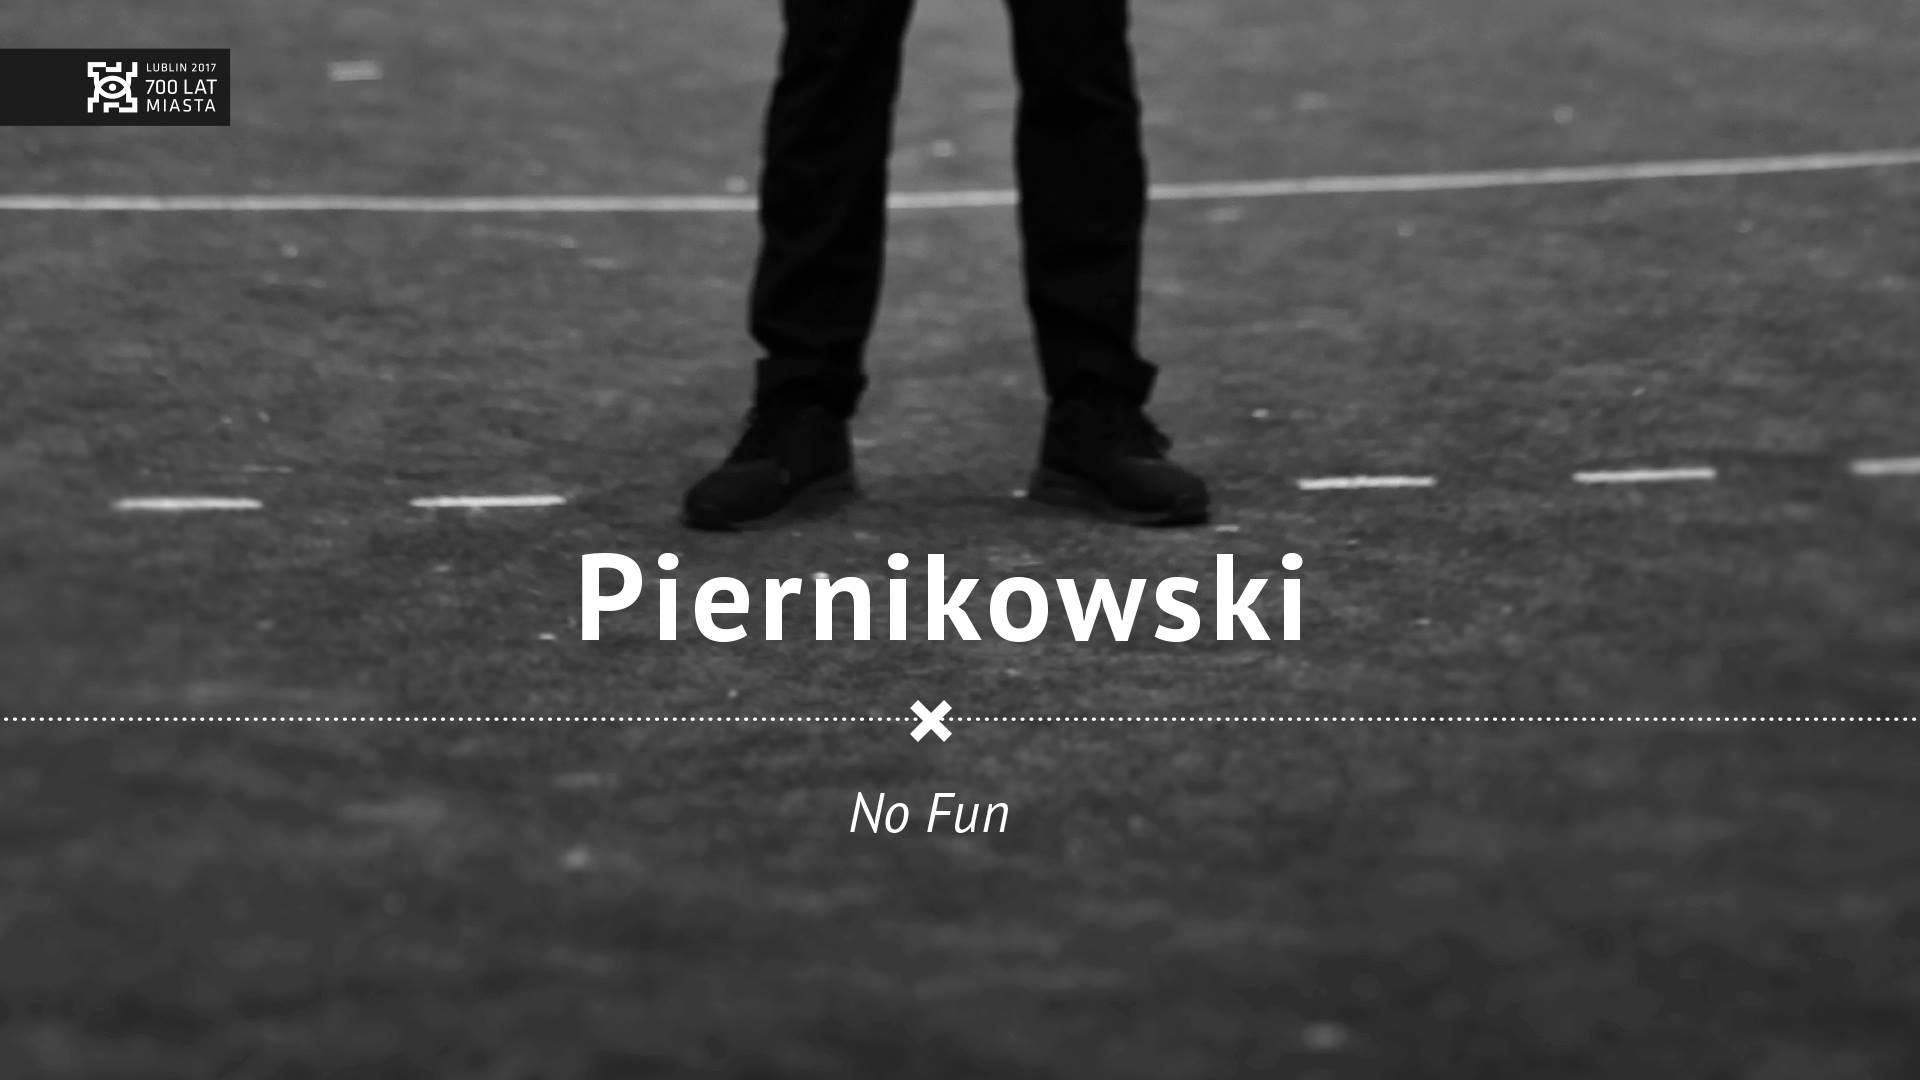 Piernikowski / NO FUN